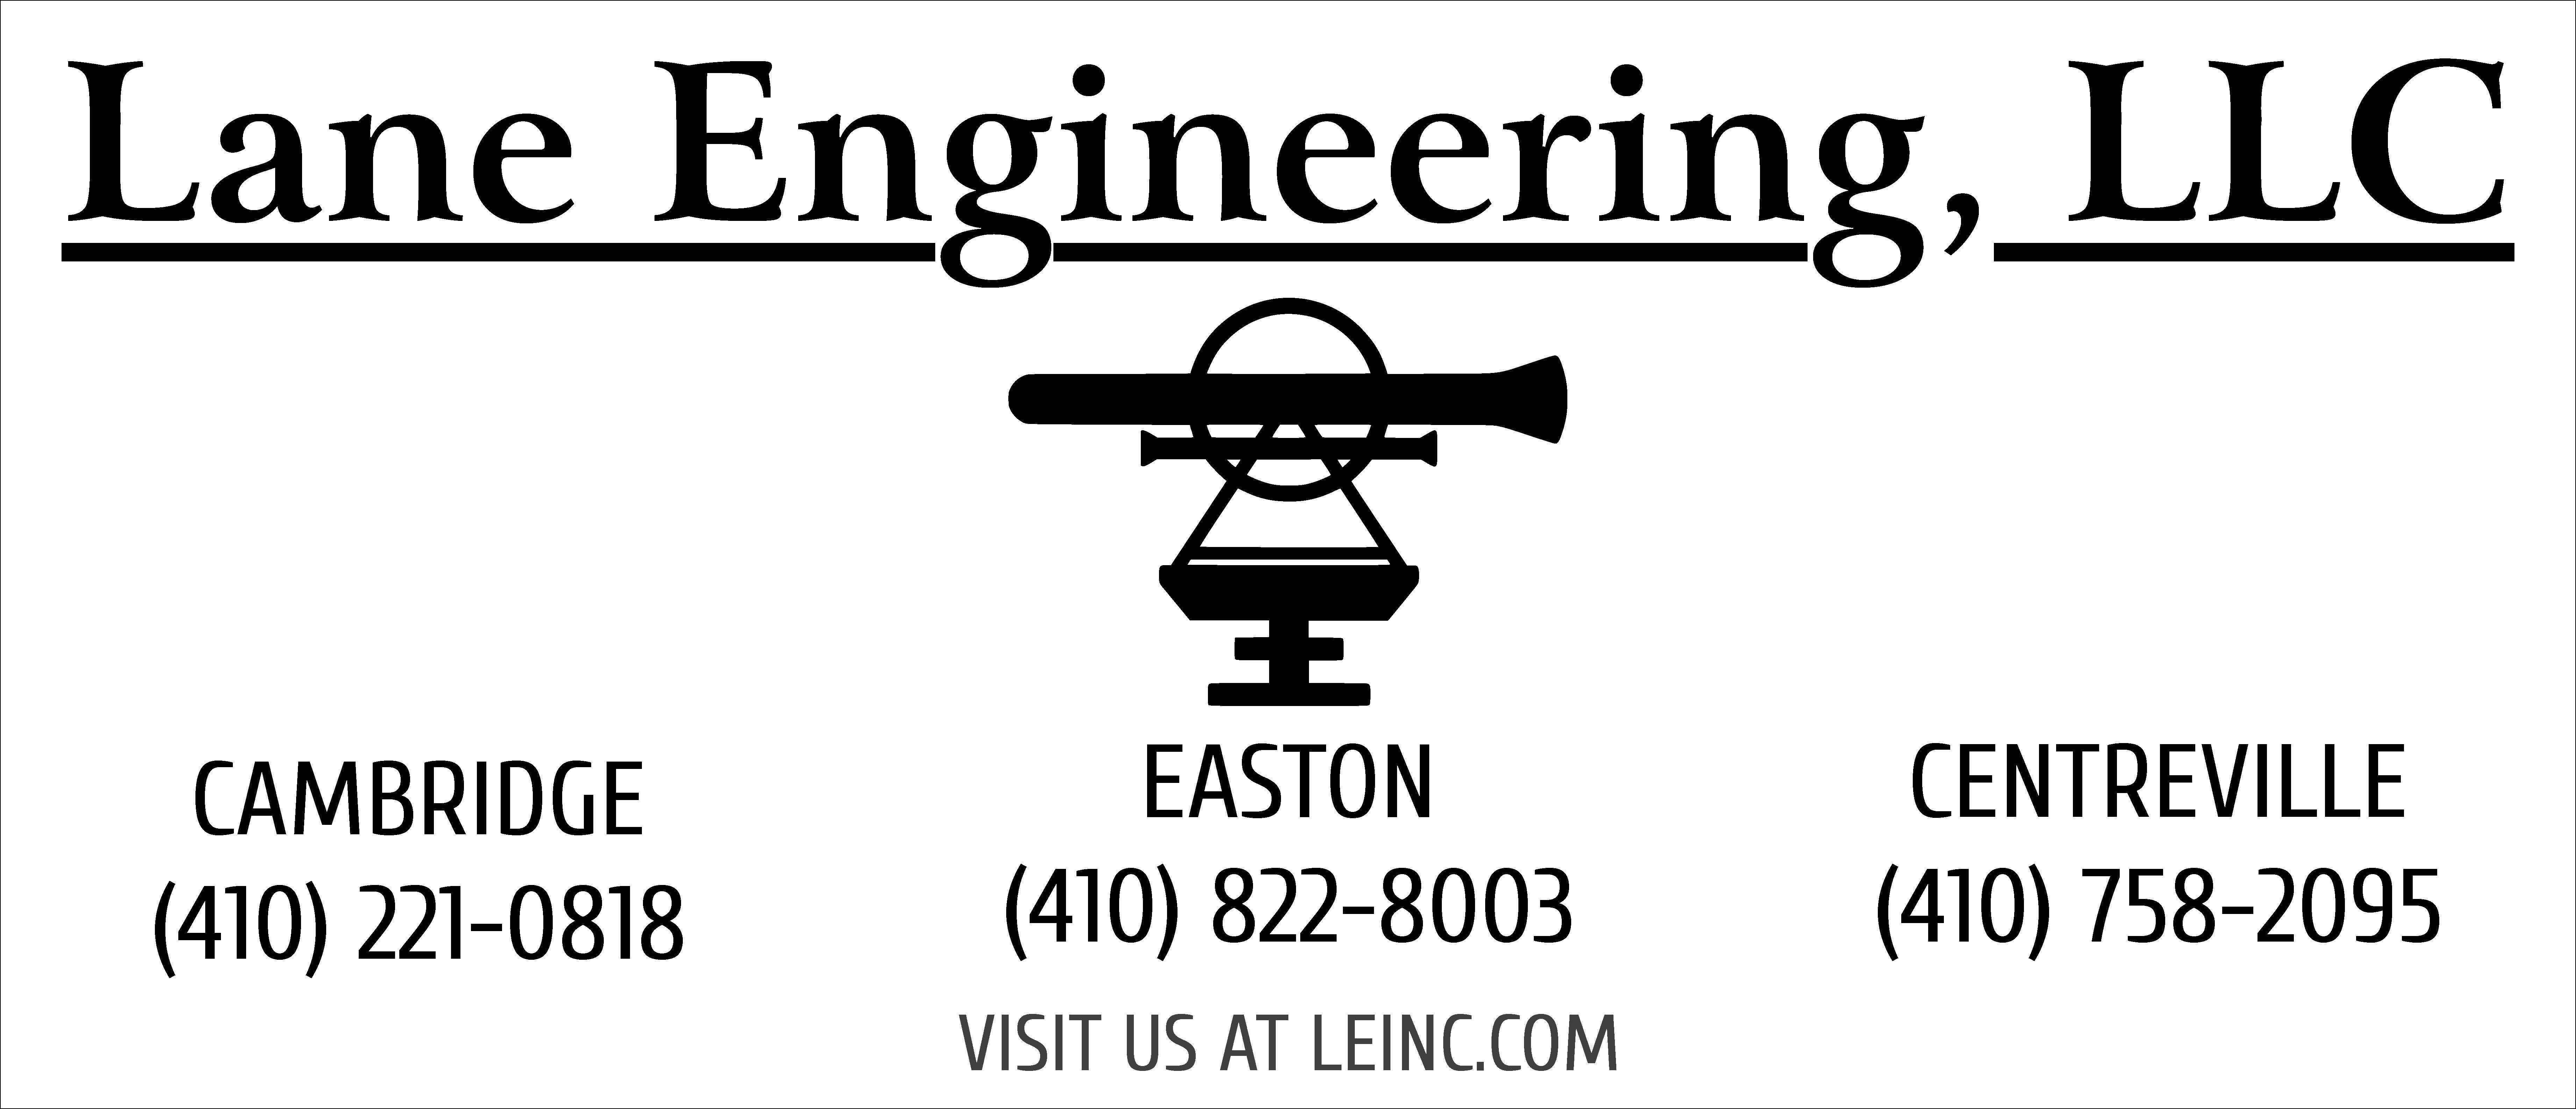 Lane Engineering